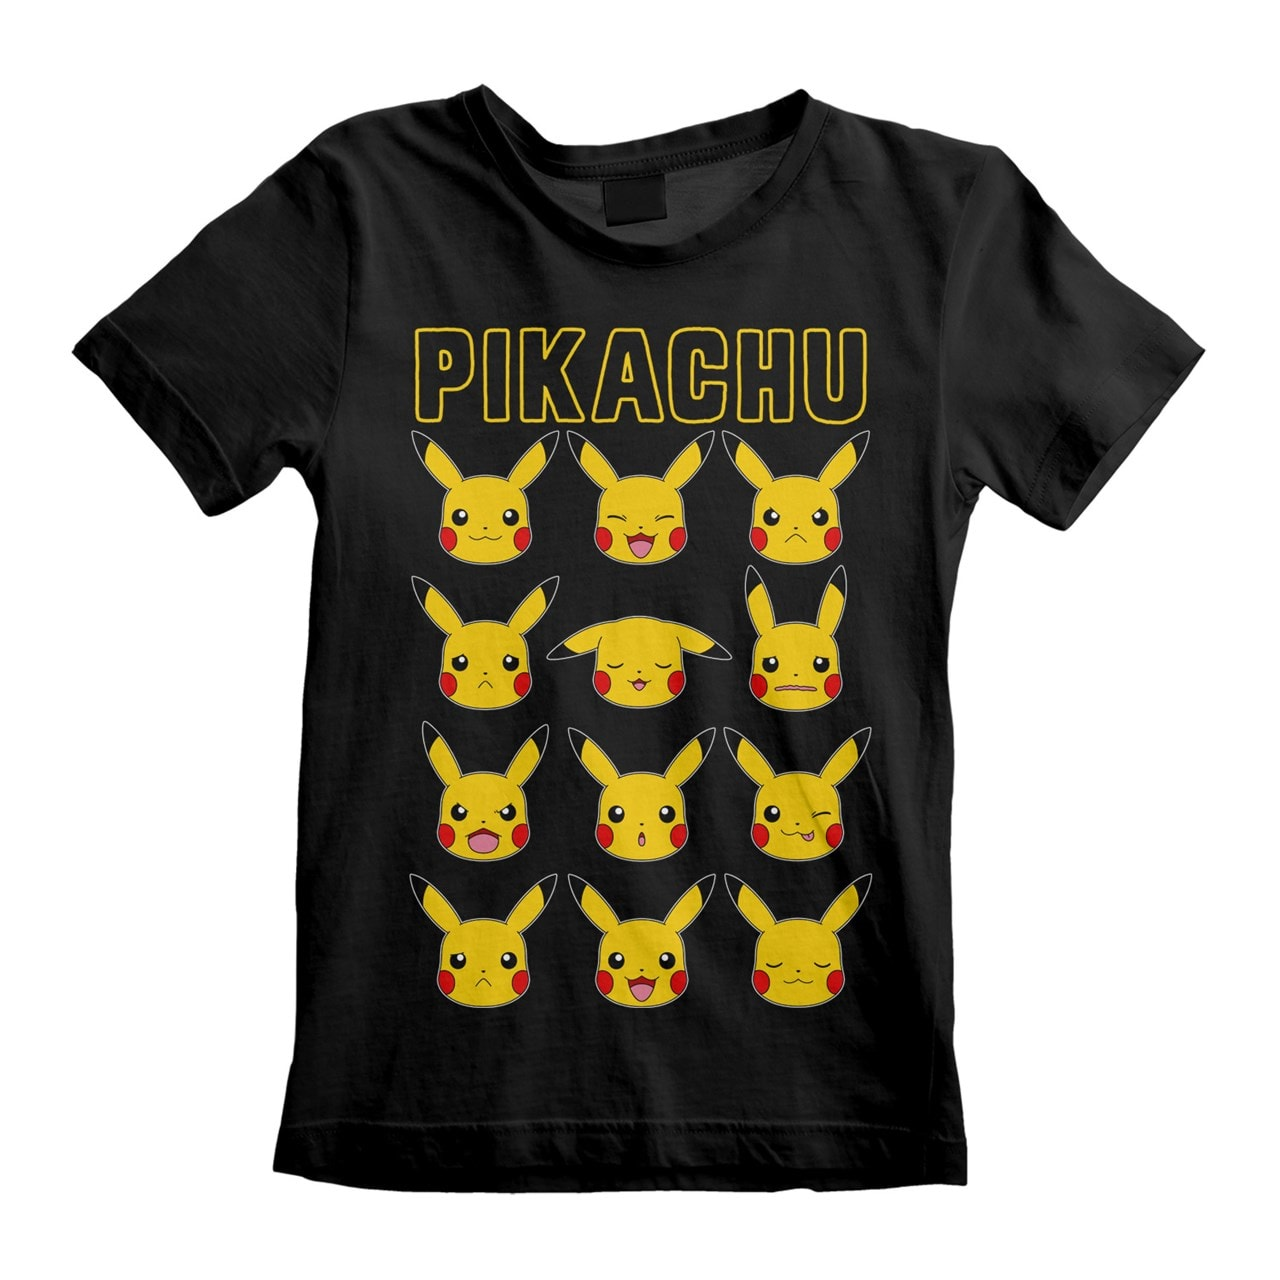 Pokemon: Pikachu Faces (Kids Tee) (3-4YR) - 1